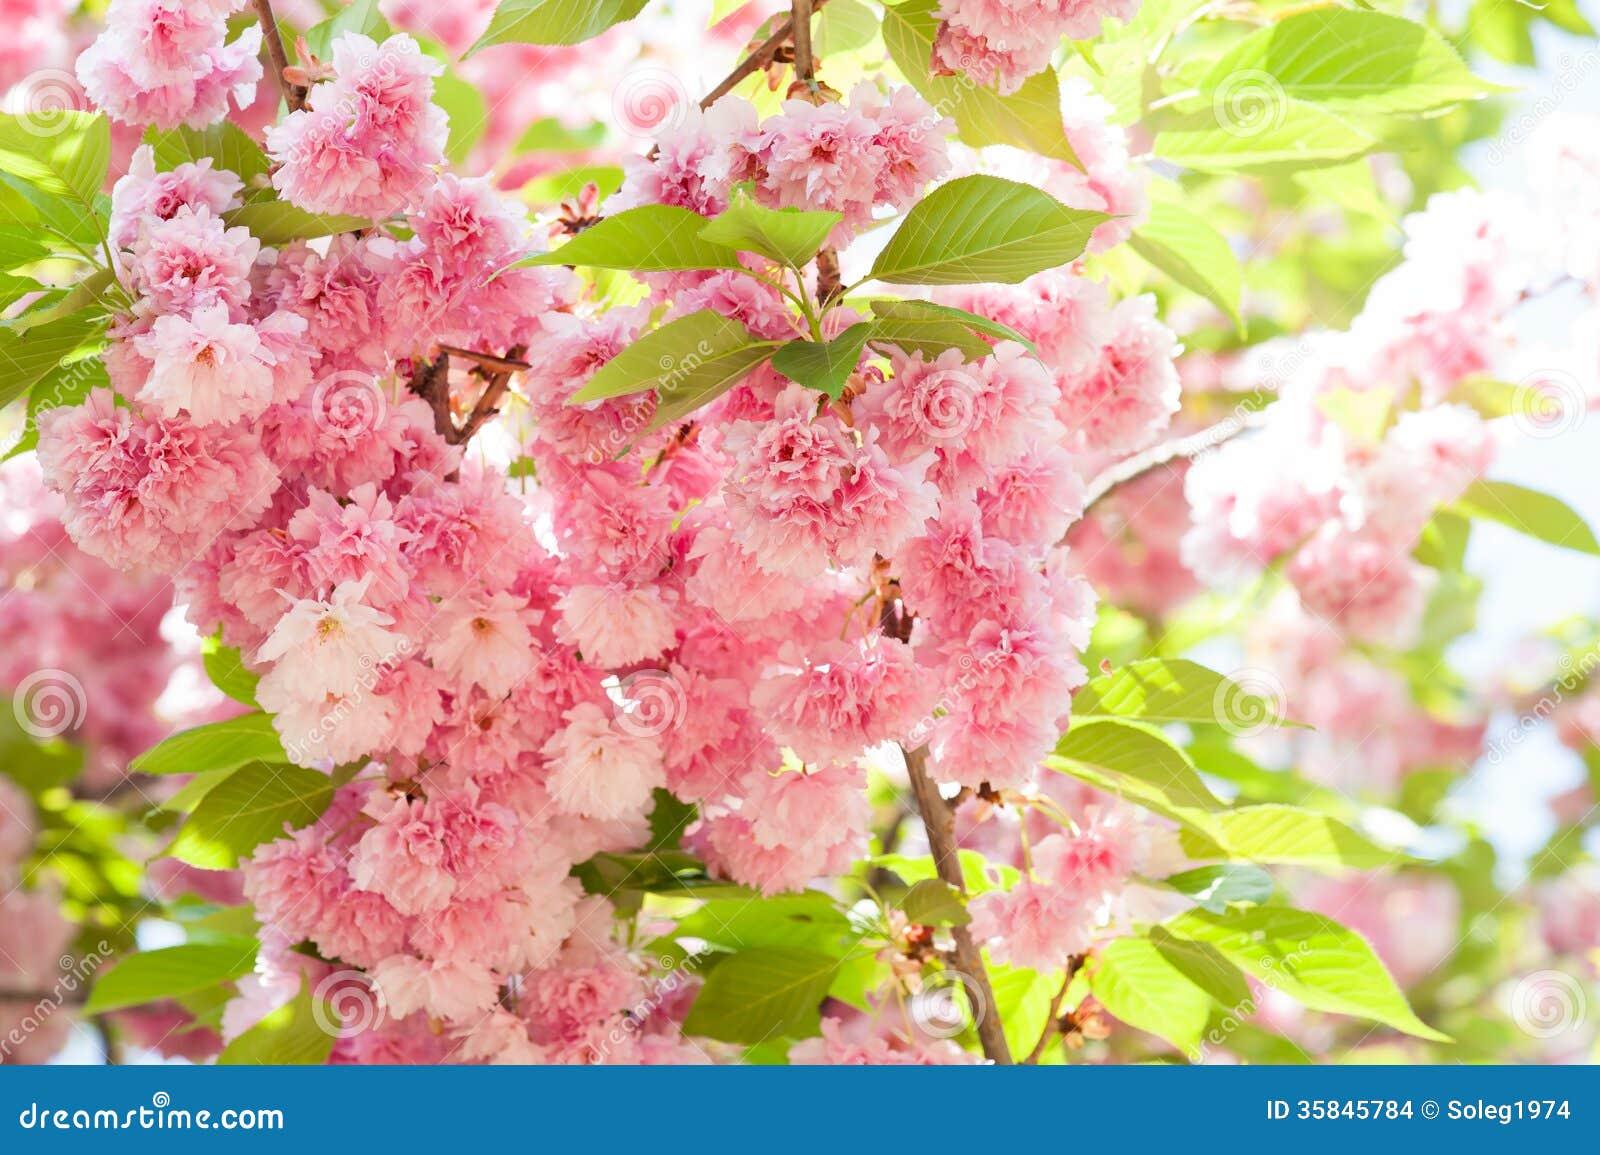 Sakura Cherry Blossom In Spring Stock Photo Image Of Branch